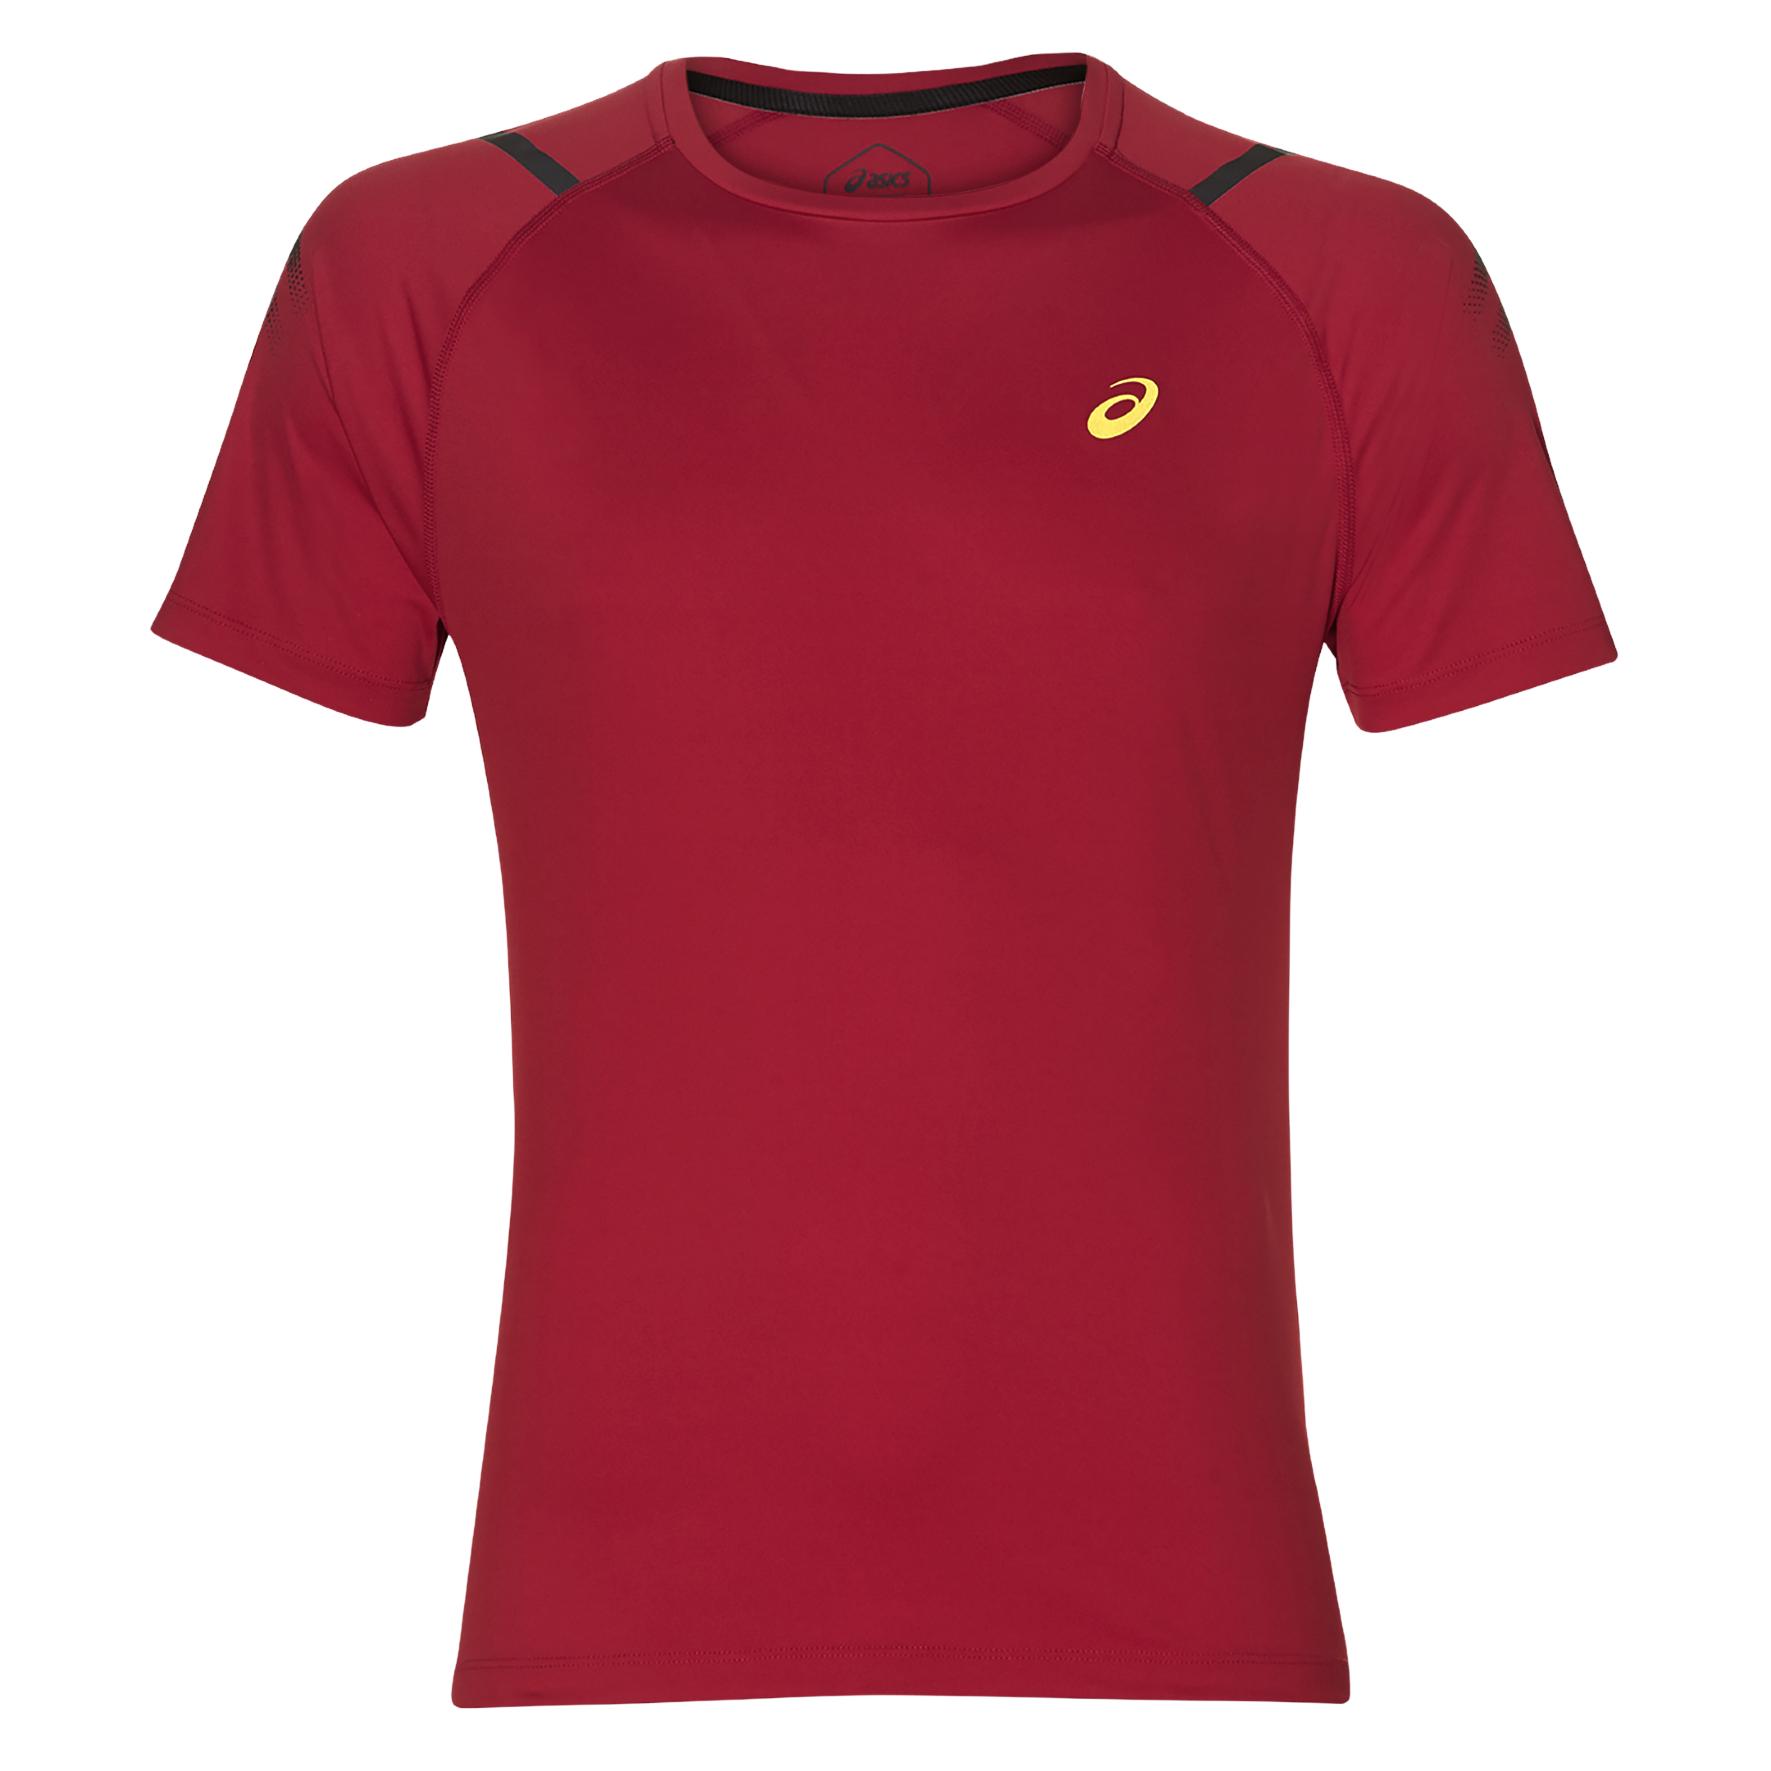 Asics 2011A259, muška majica za trčanje, crvena